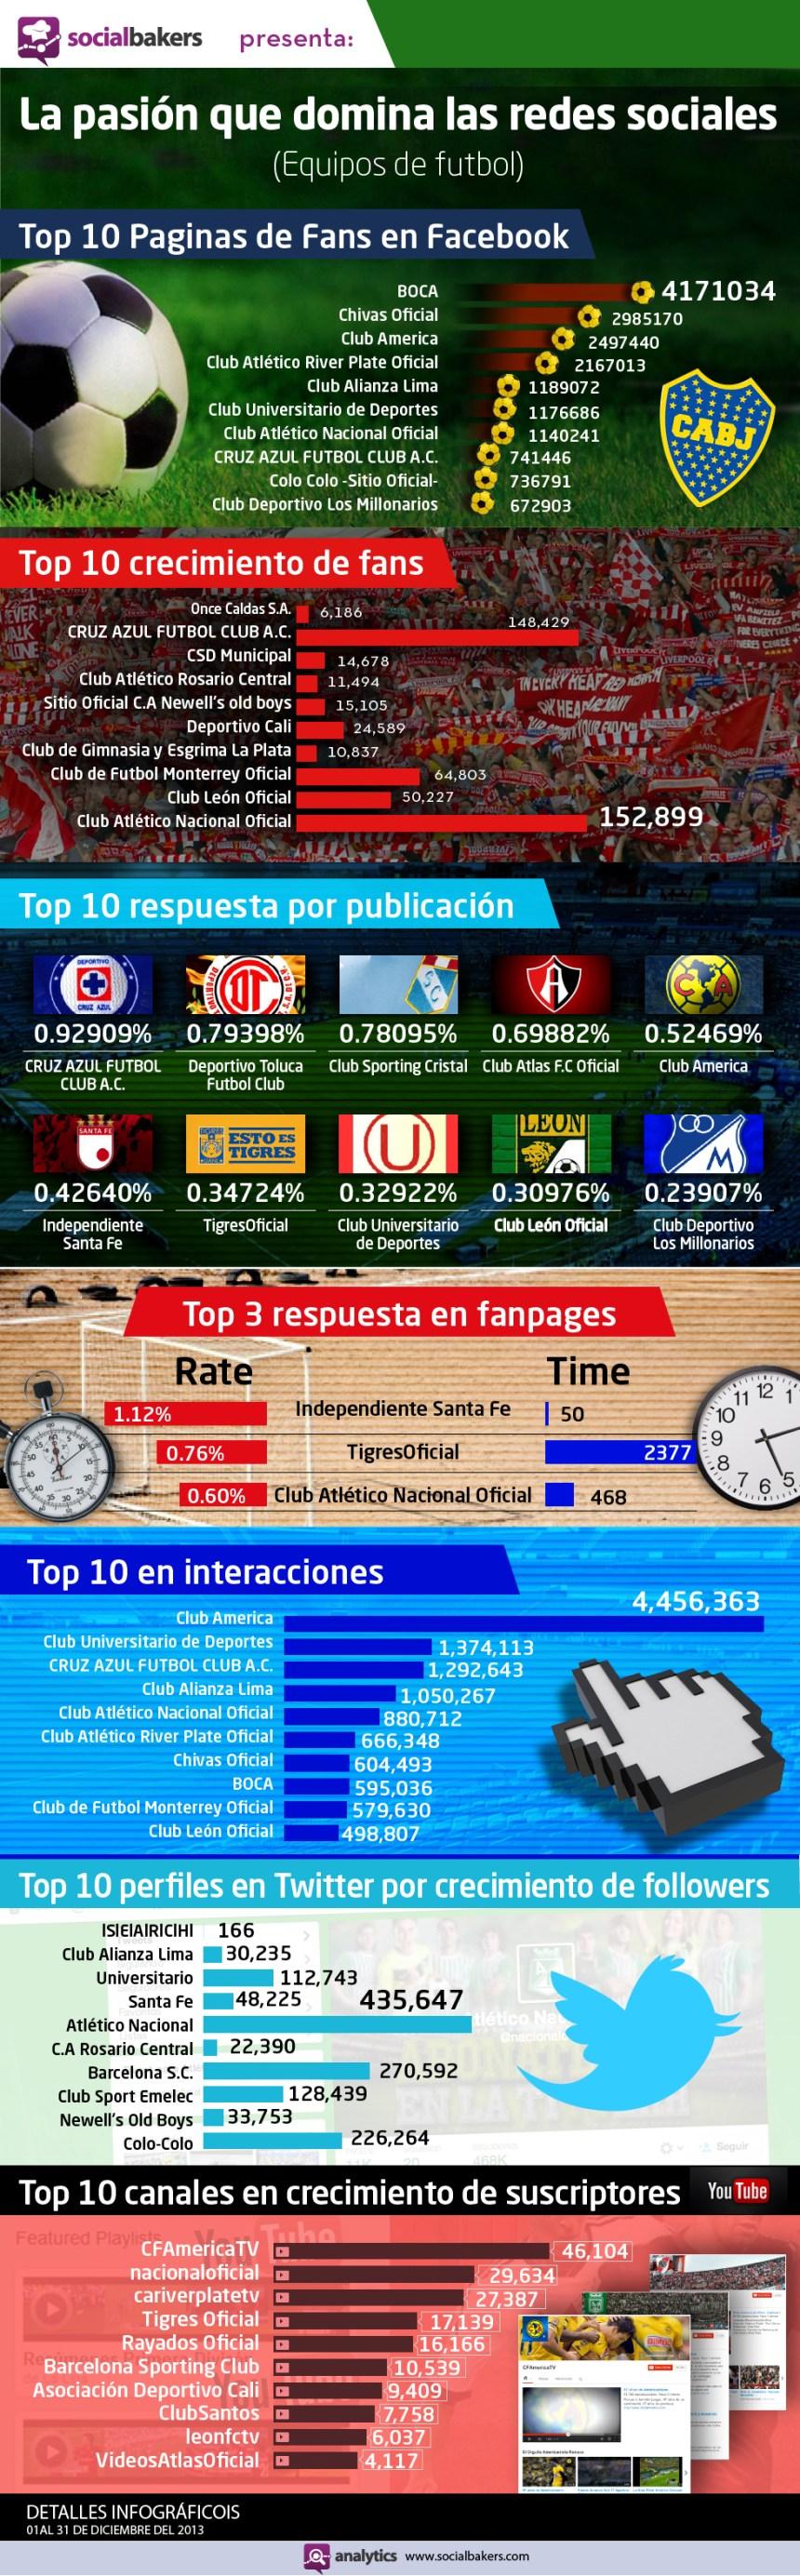 Fútbol y Redes Sociales en Latinoamérica